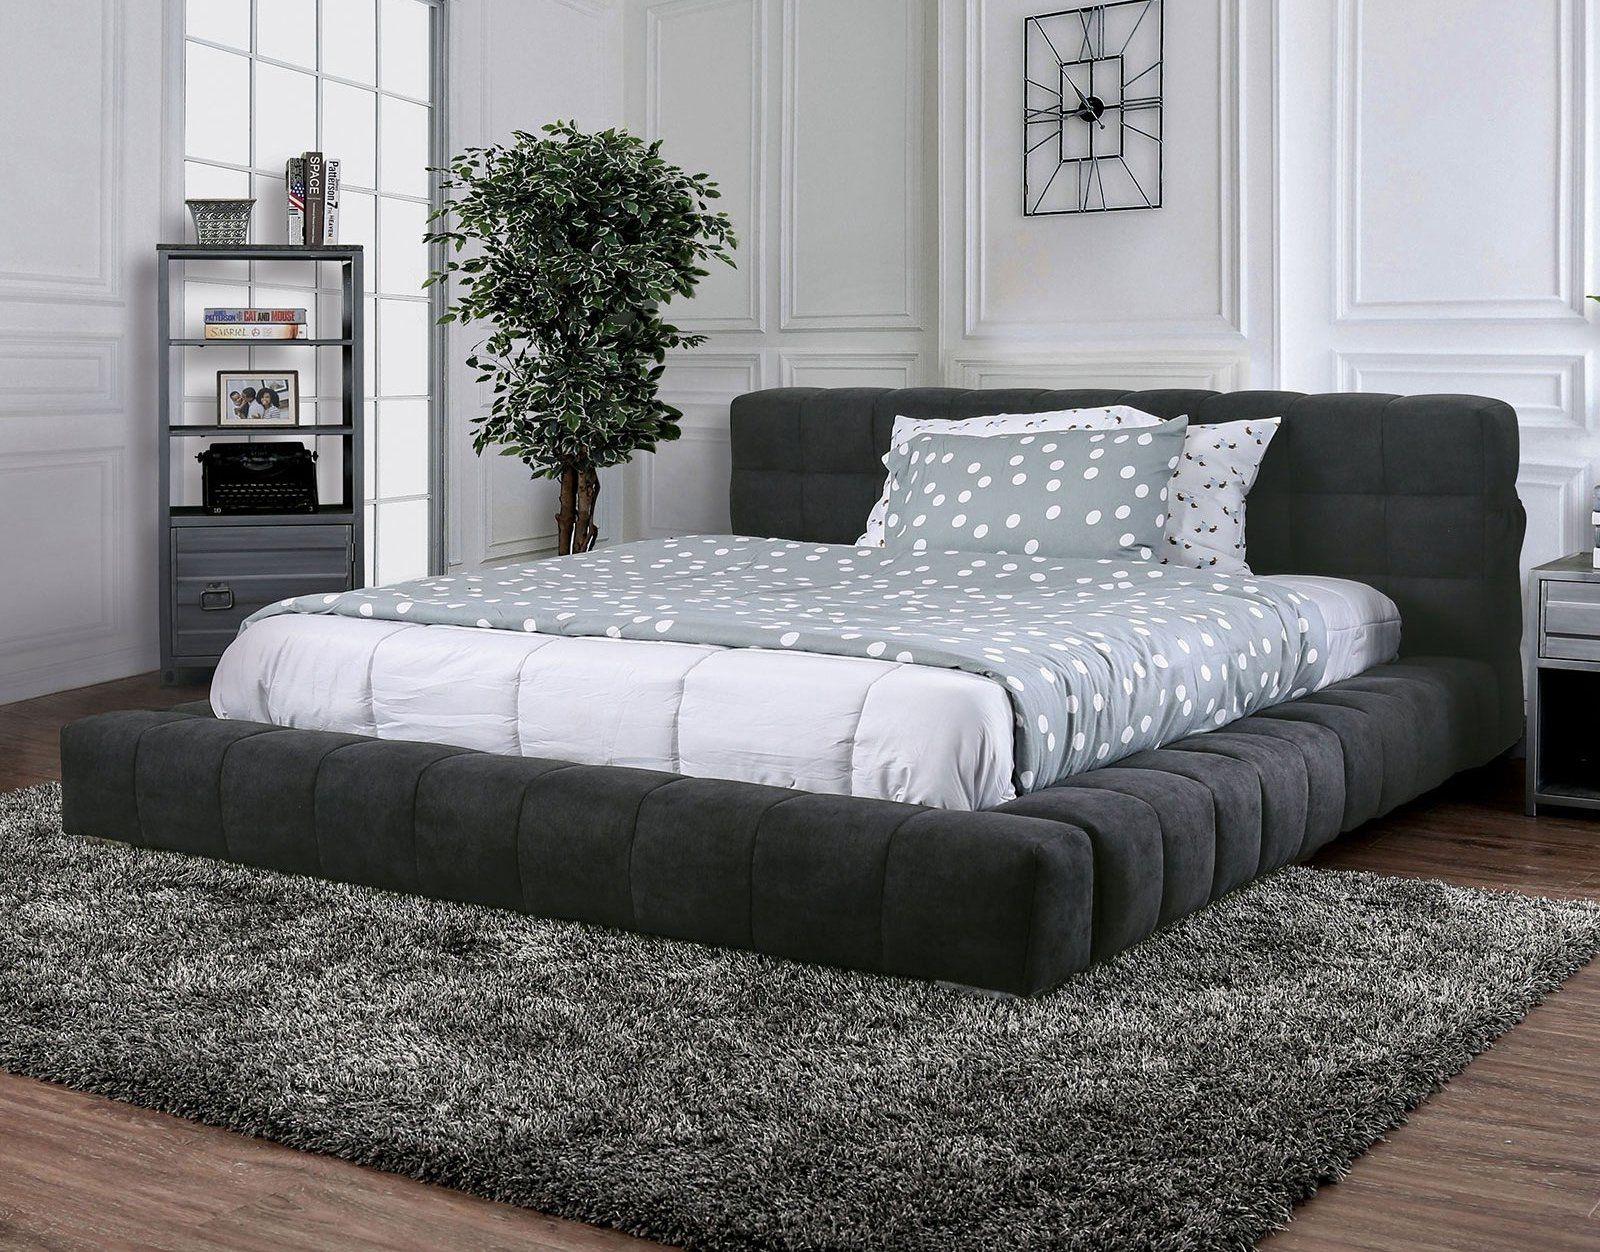 Wolsey King Size Bed Cm7545ek Furniture Of America King Size Beds In 2020 King Sized Bedroom Low Bed Frame King Size Bedroom Sets